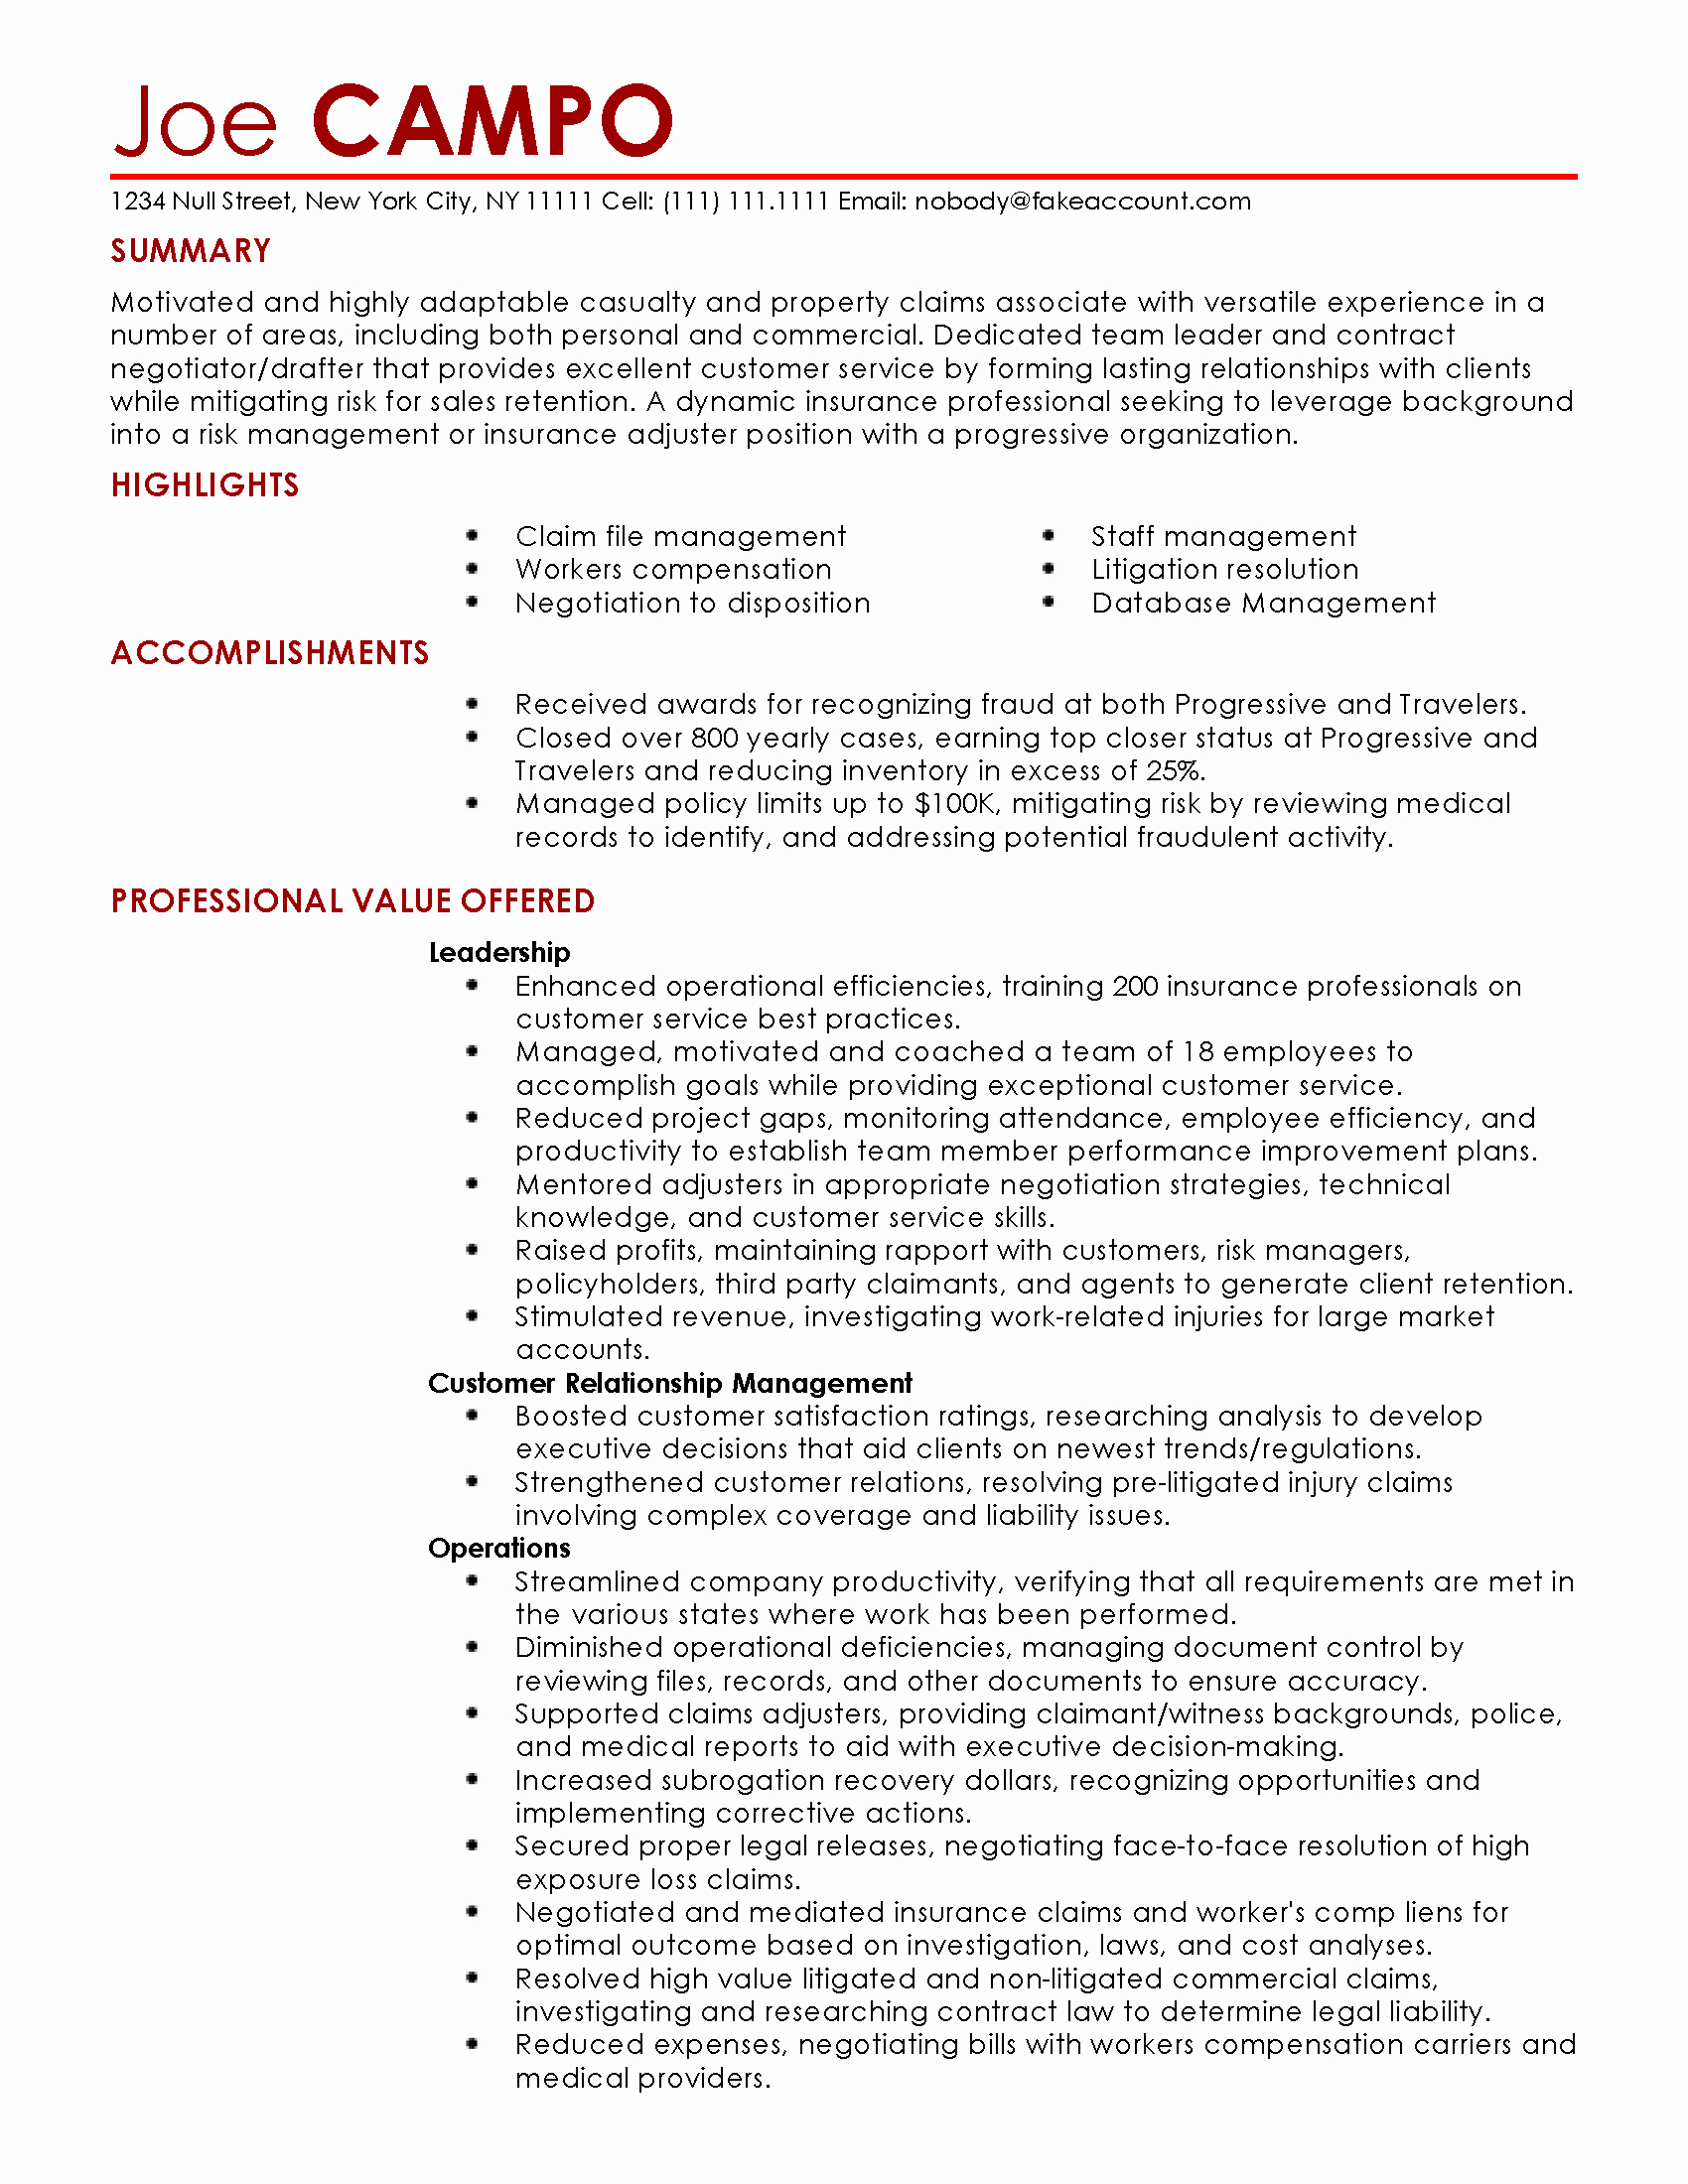 Resume for Insurance Claims Adjuster Sidemcicek